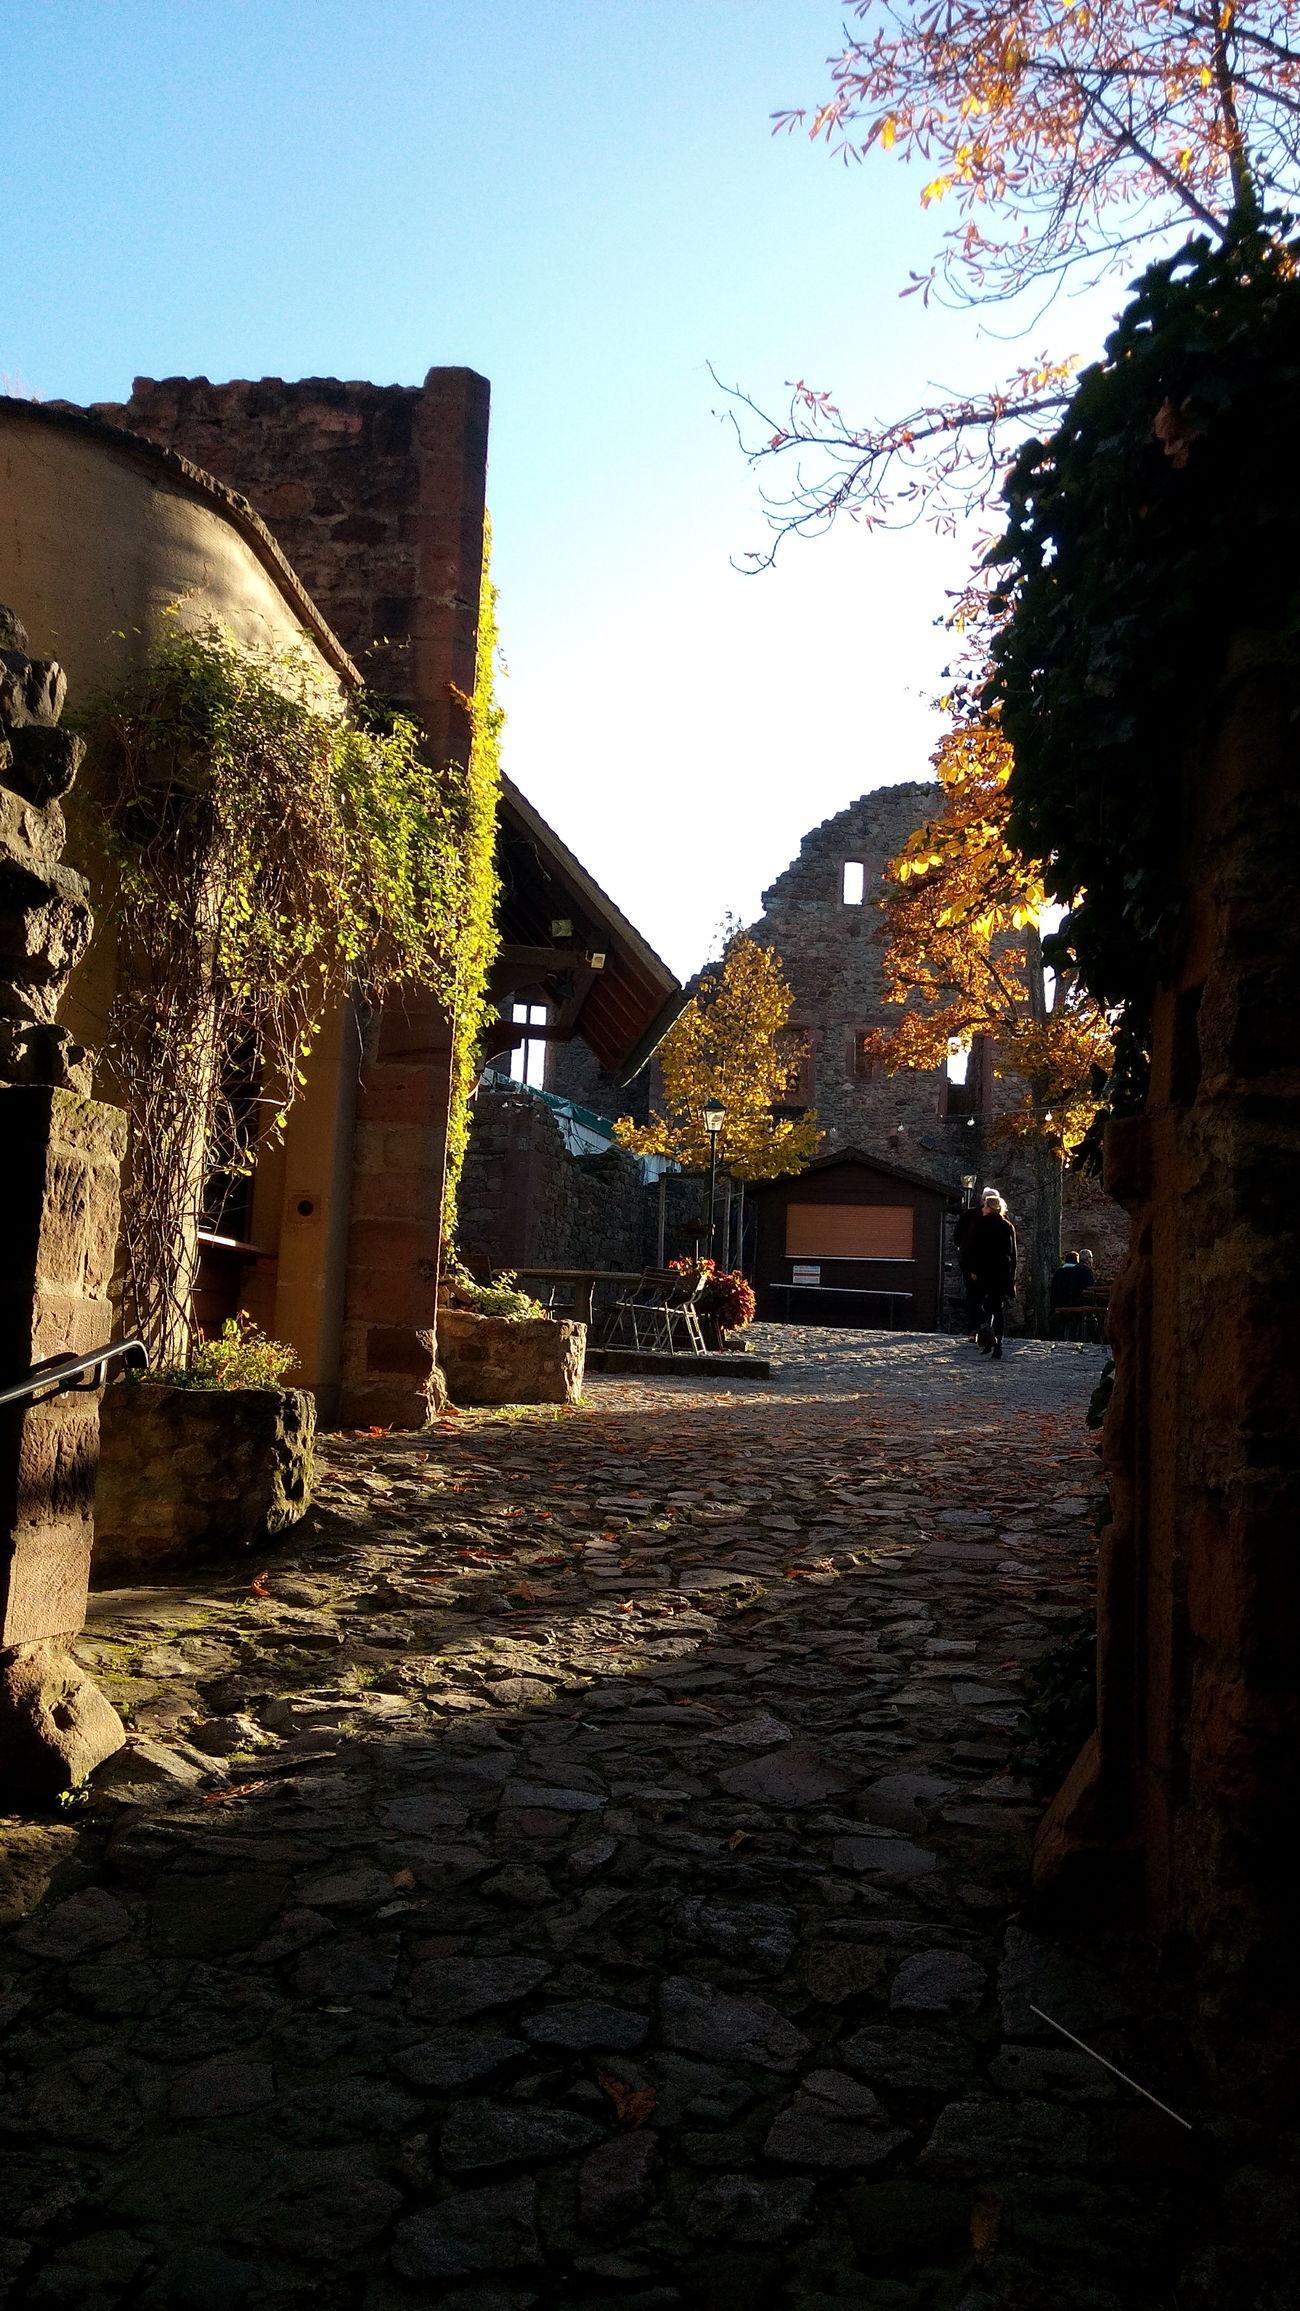 Outdoors Building Exterior Built Structure Architecture Weinheim Castle History Autumn🍁🍁🍁 Autumn Autumn Colors Nature Mountain Autumn Mood Multi Colored